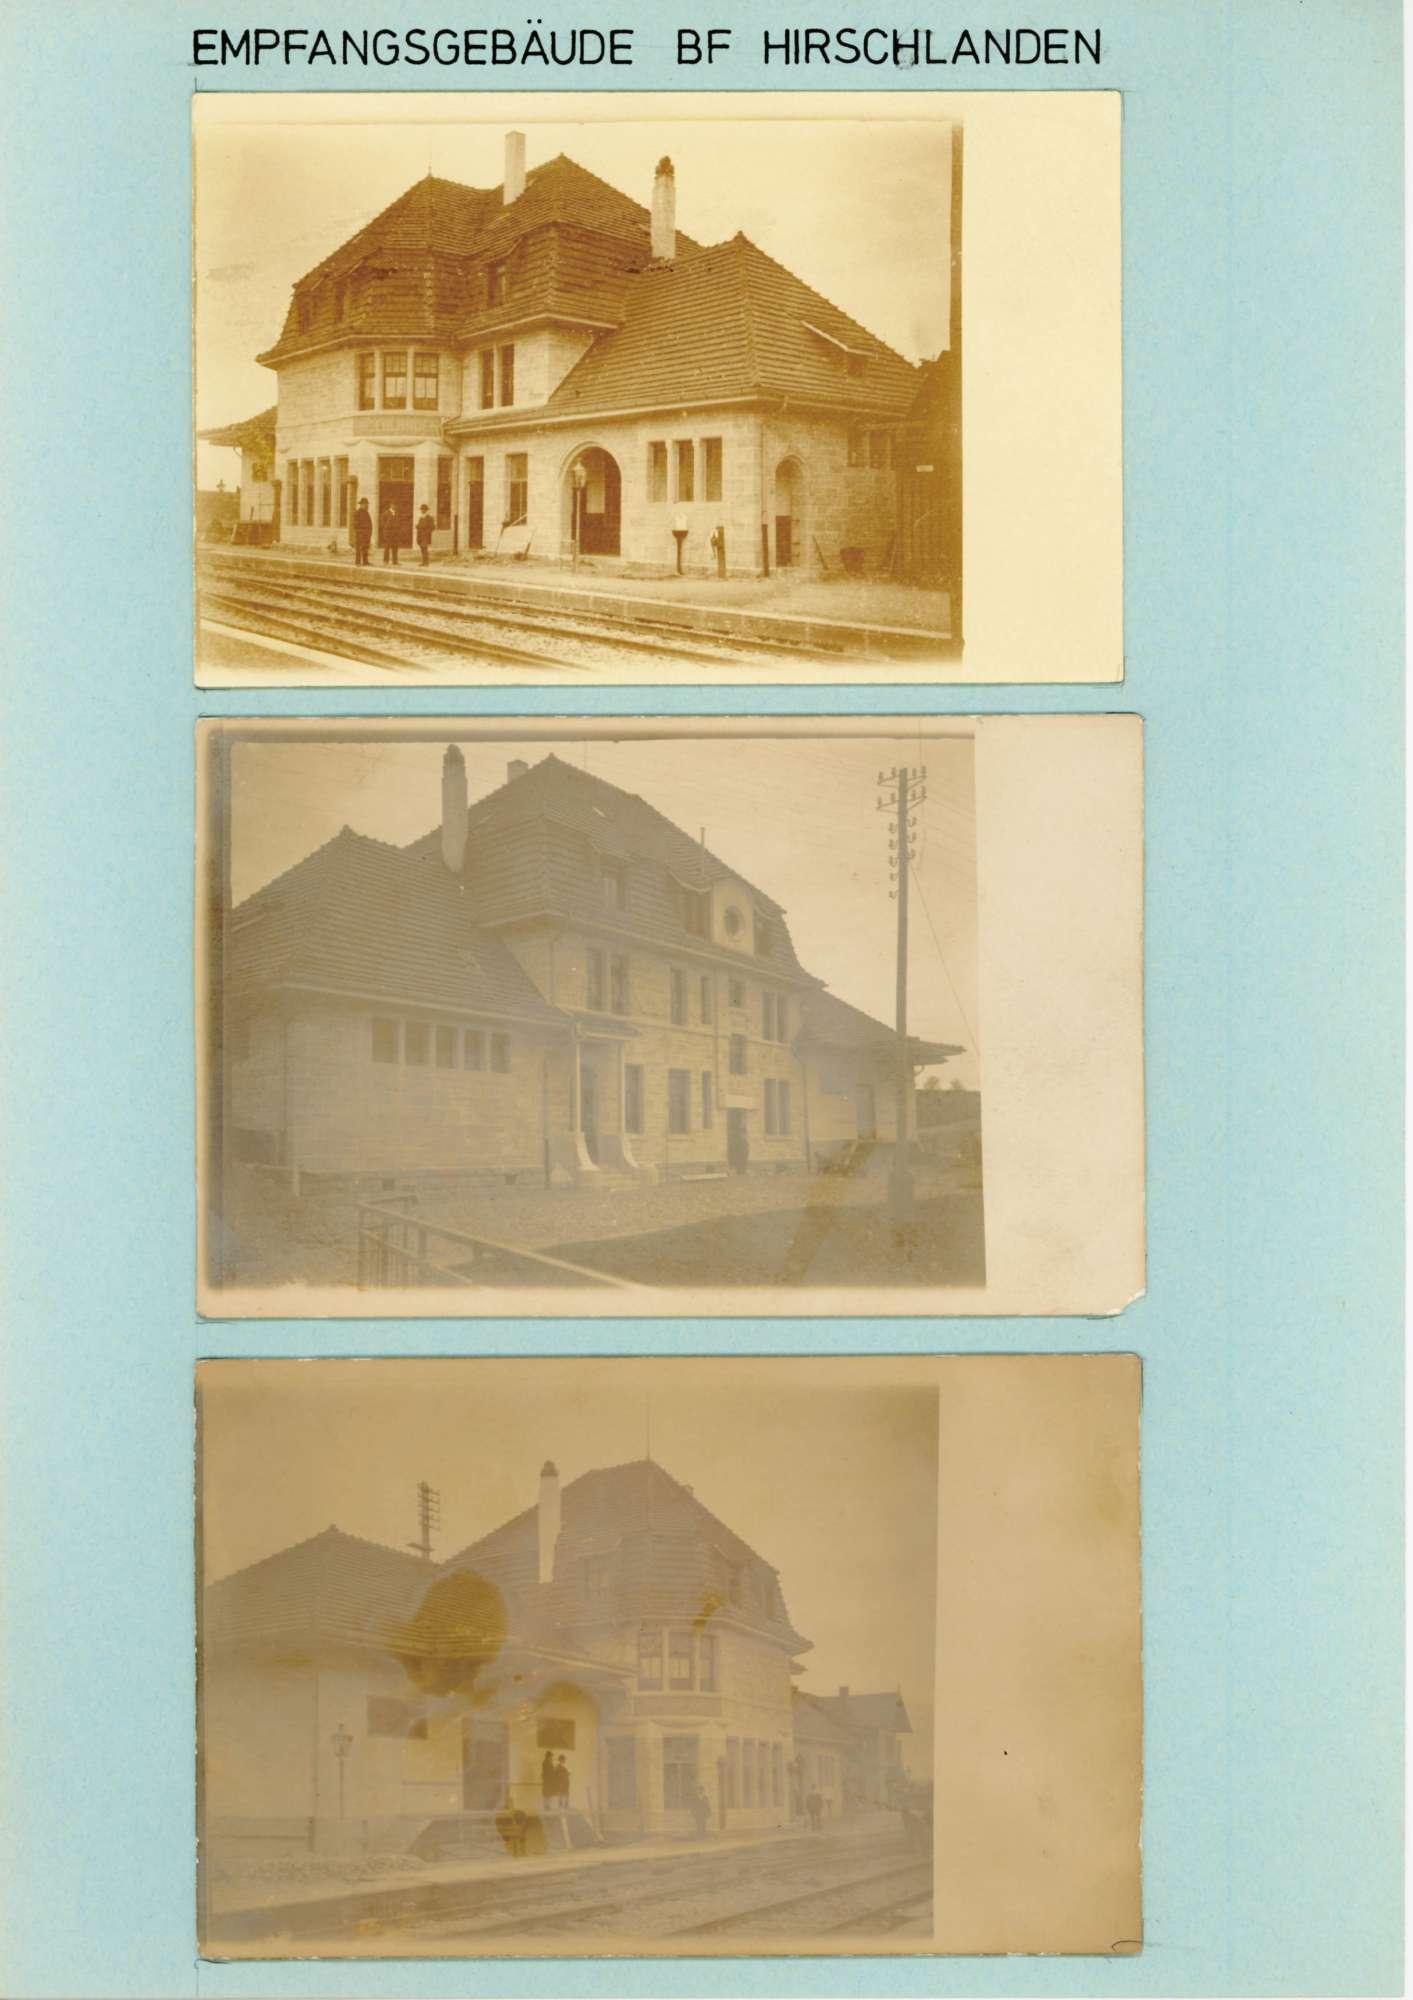 Hirschlanden: 3 Fotos, Bild 1